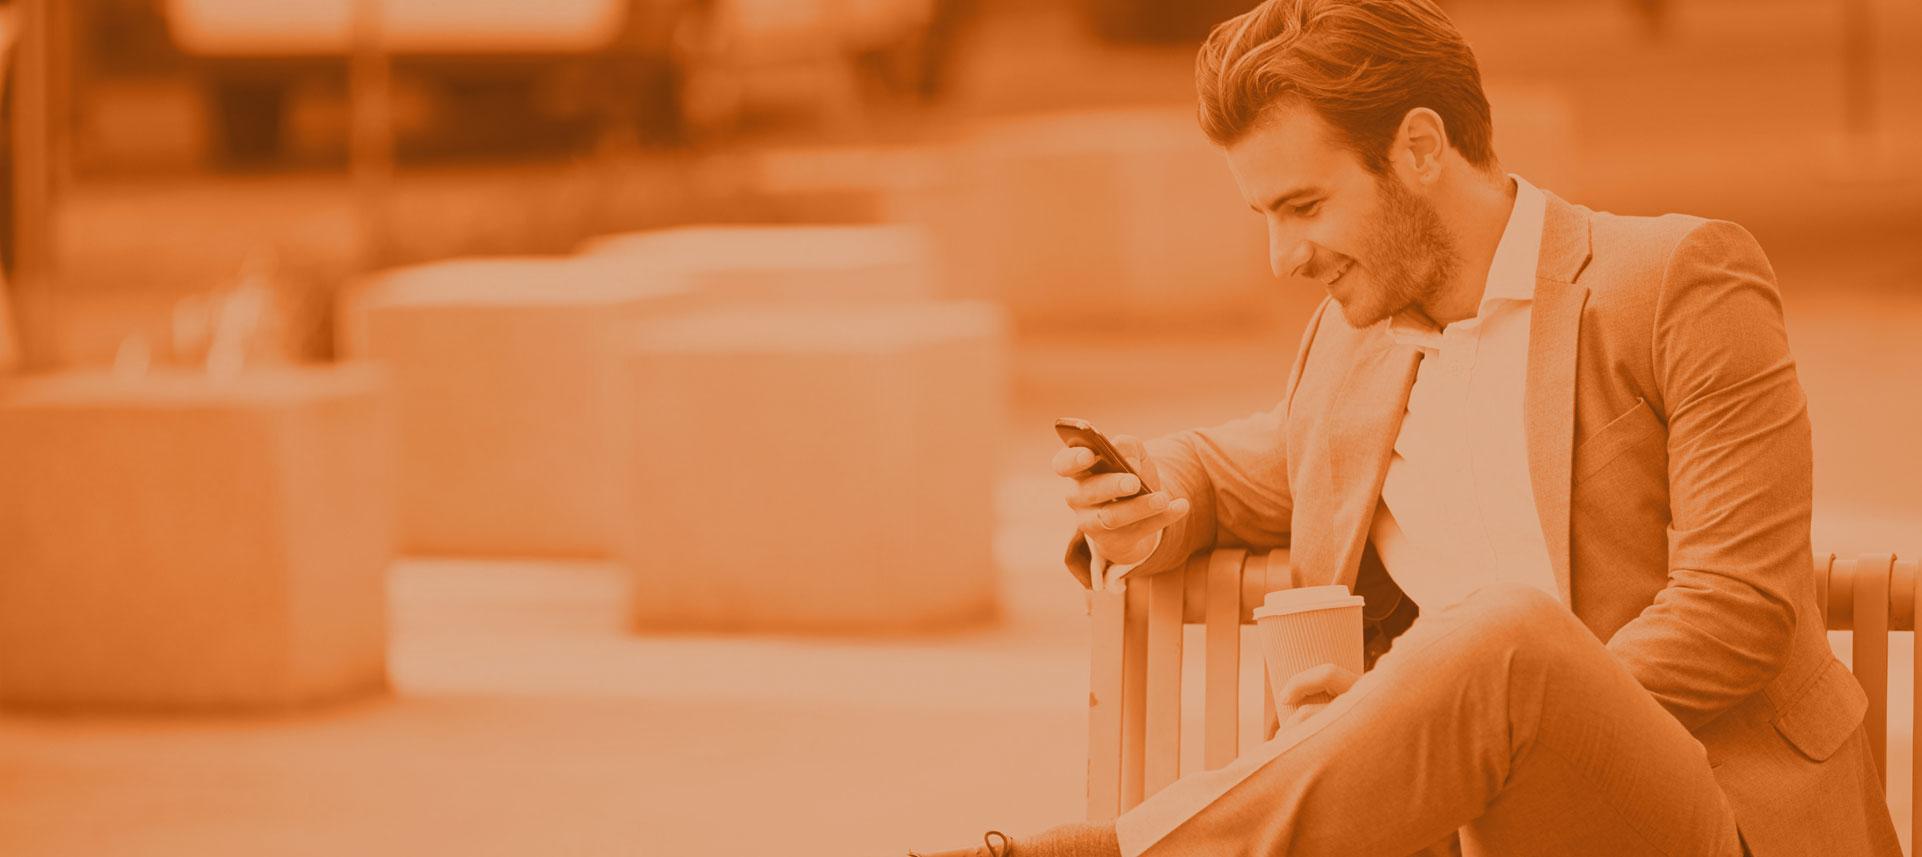 Férovou půjčku lze najít i na internetu. Podle čeho vybírat?